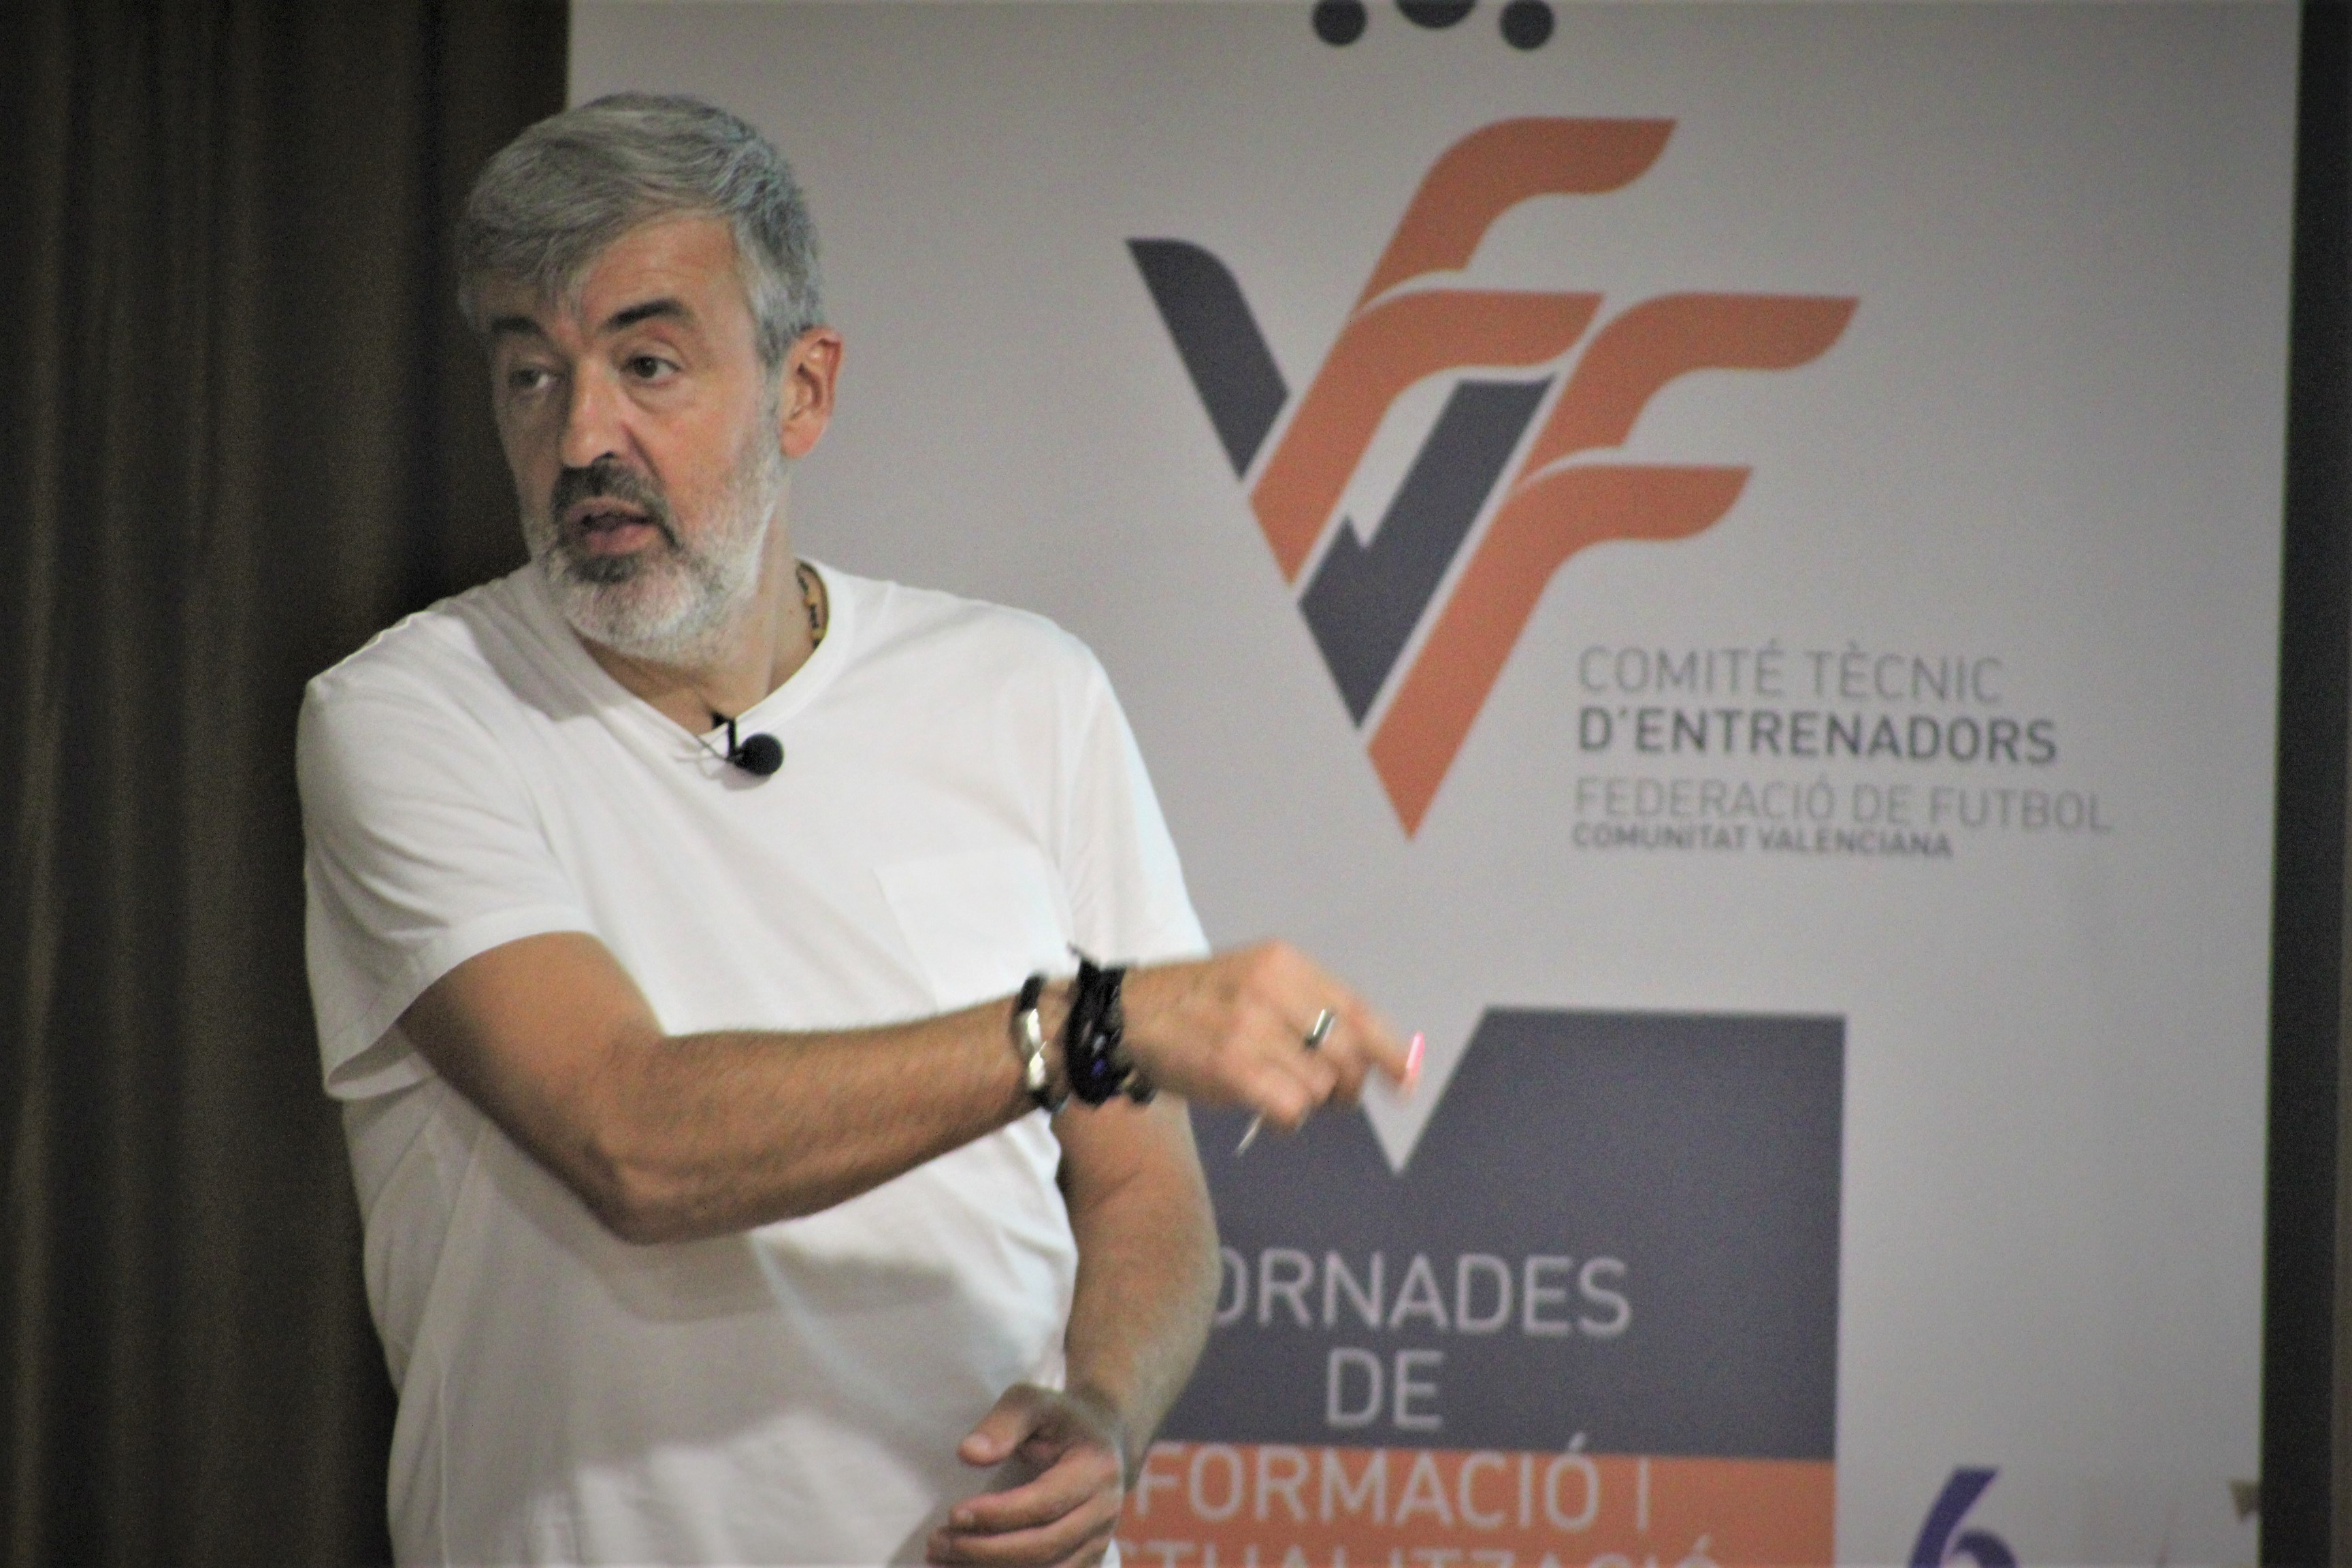 4 nov- Ponencia Óscar Fernández en Sagunto